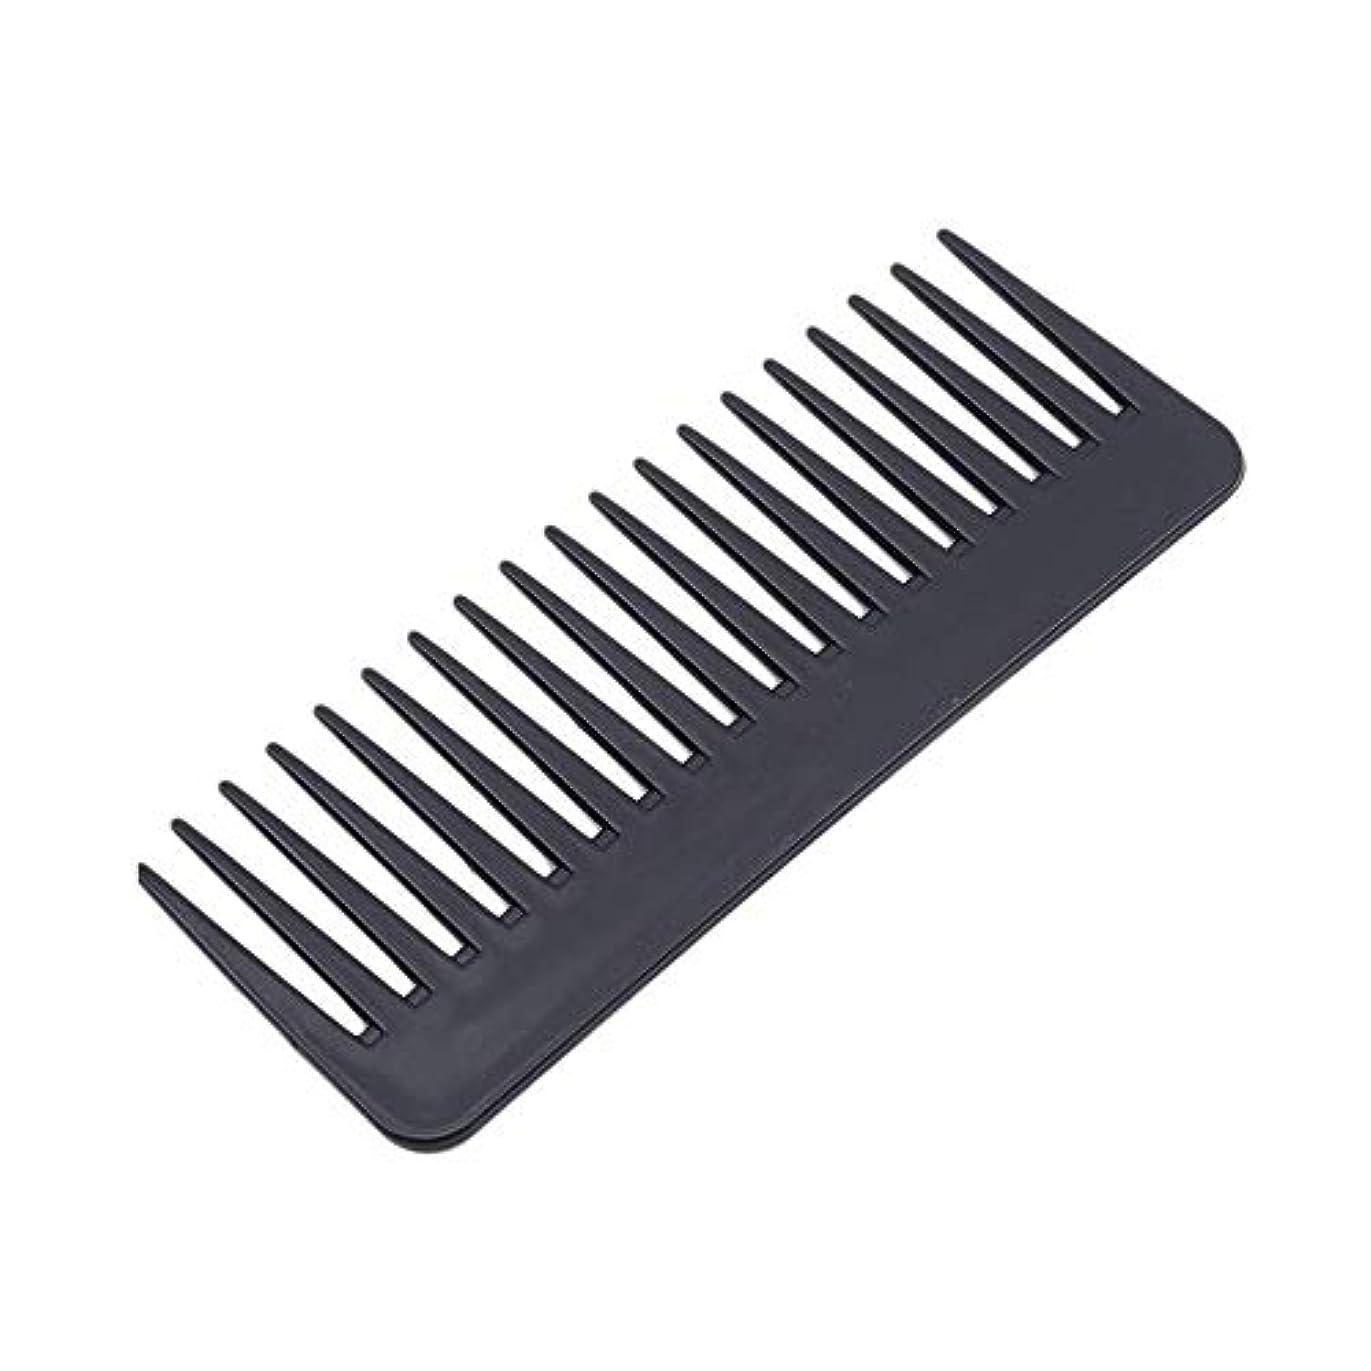 キノコ木まとめる1st market 広い歯の櫛の腹筋理髪ツールの ための耐熱性プラスチック大きな歯の櫛